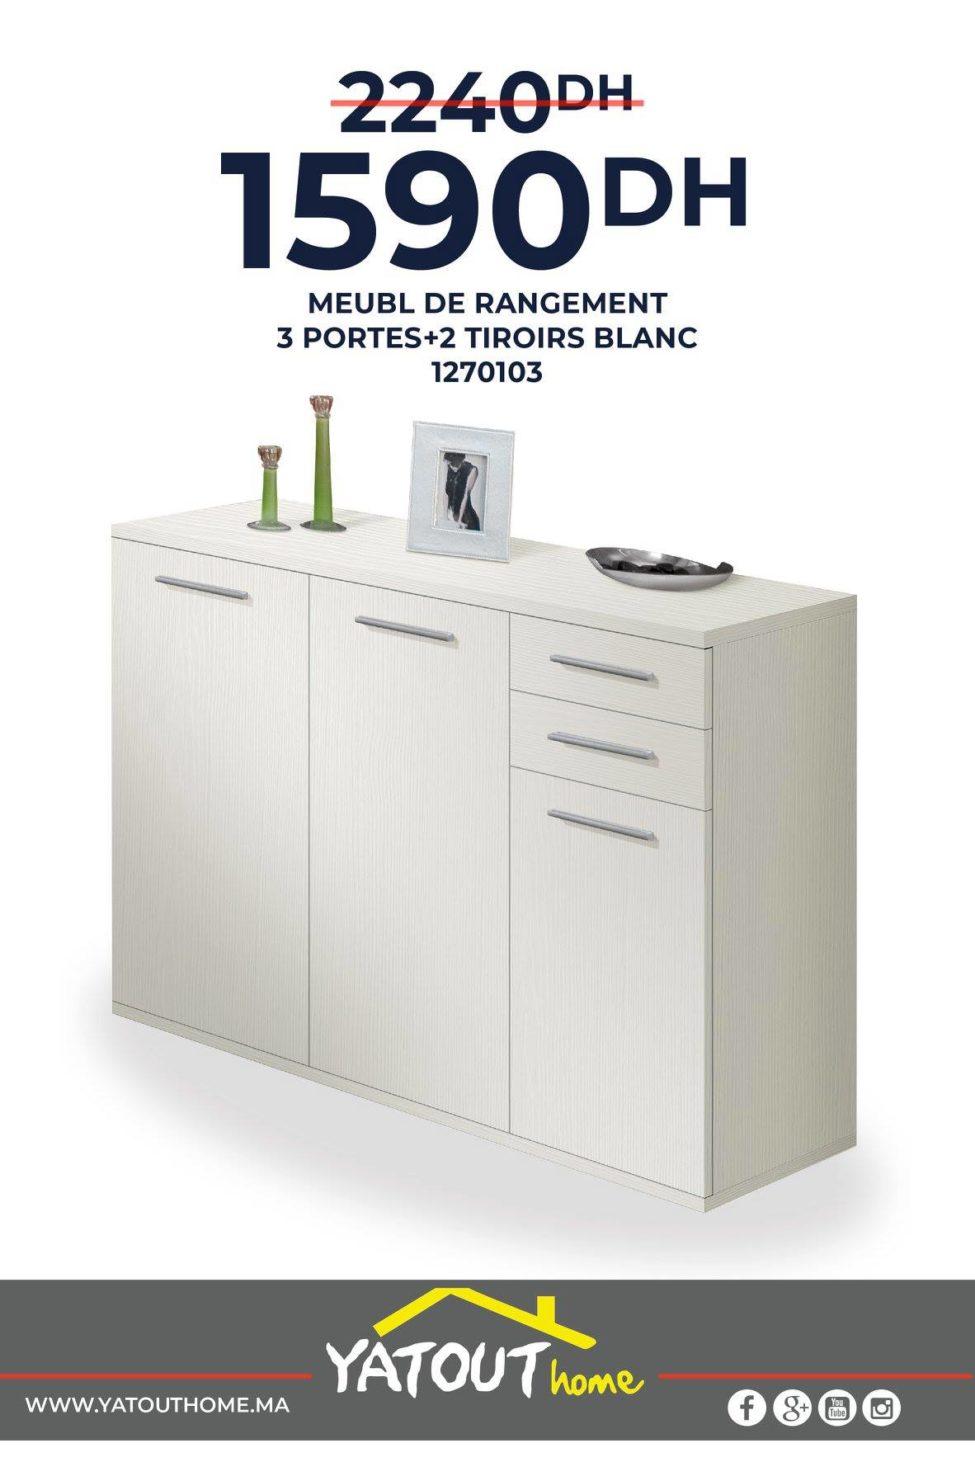 Promo Yatout Home Meuble rangement 3 portes + 2 tiroirs blanc 1590Dhs au lieu de 2240Dhs